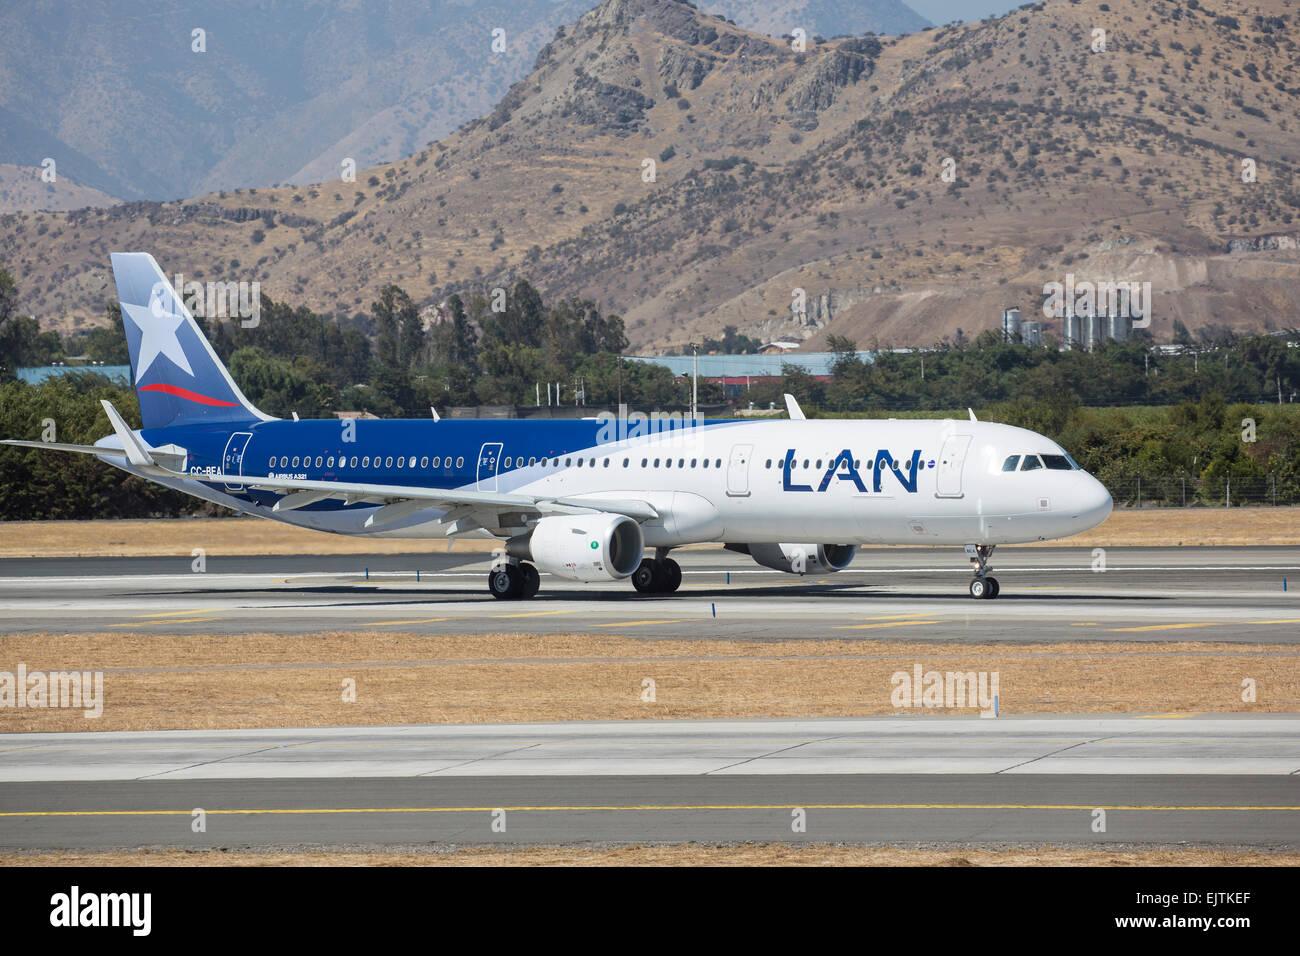 LAN Airlines Airbus A319-112, registrado CC-BEA, en el aeropuerto de Santiago de Chile Foto de stock